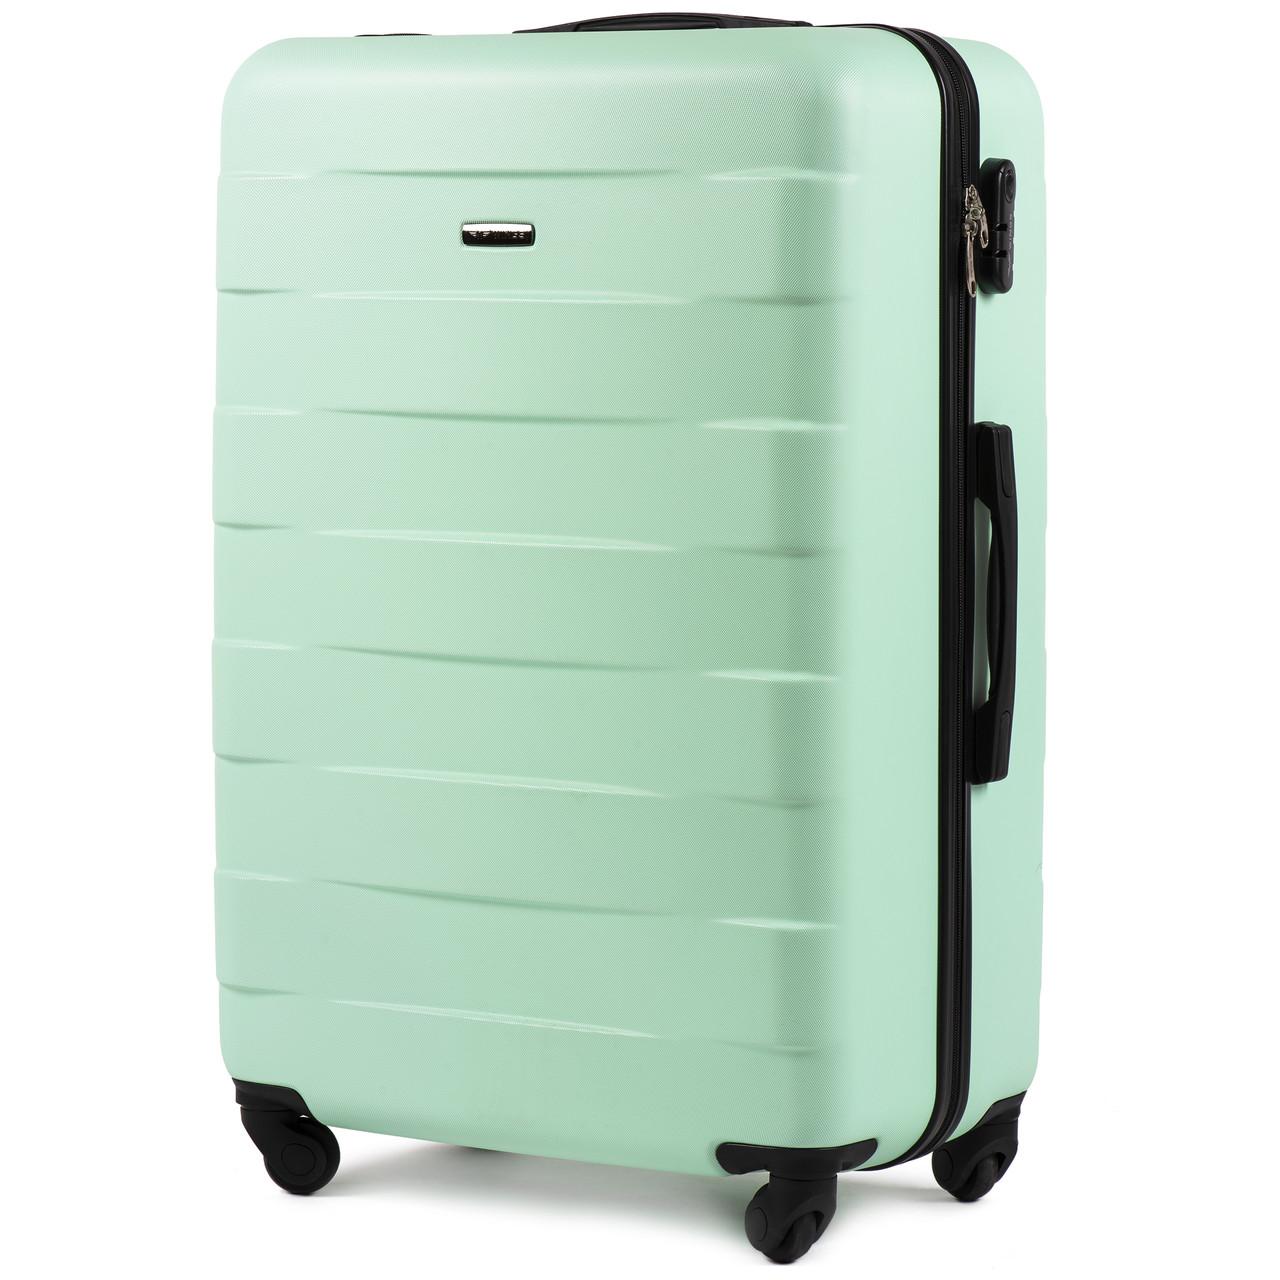 Большой пластиковый чемодан Wings 401 на 4 колесах зеленый, фото 1